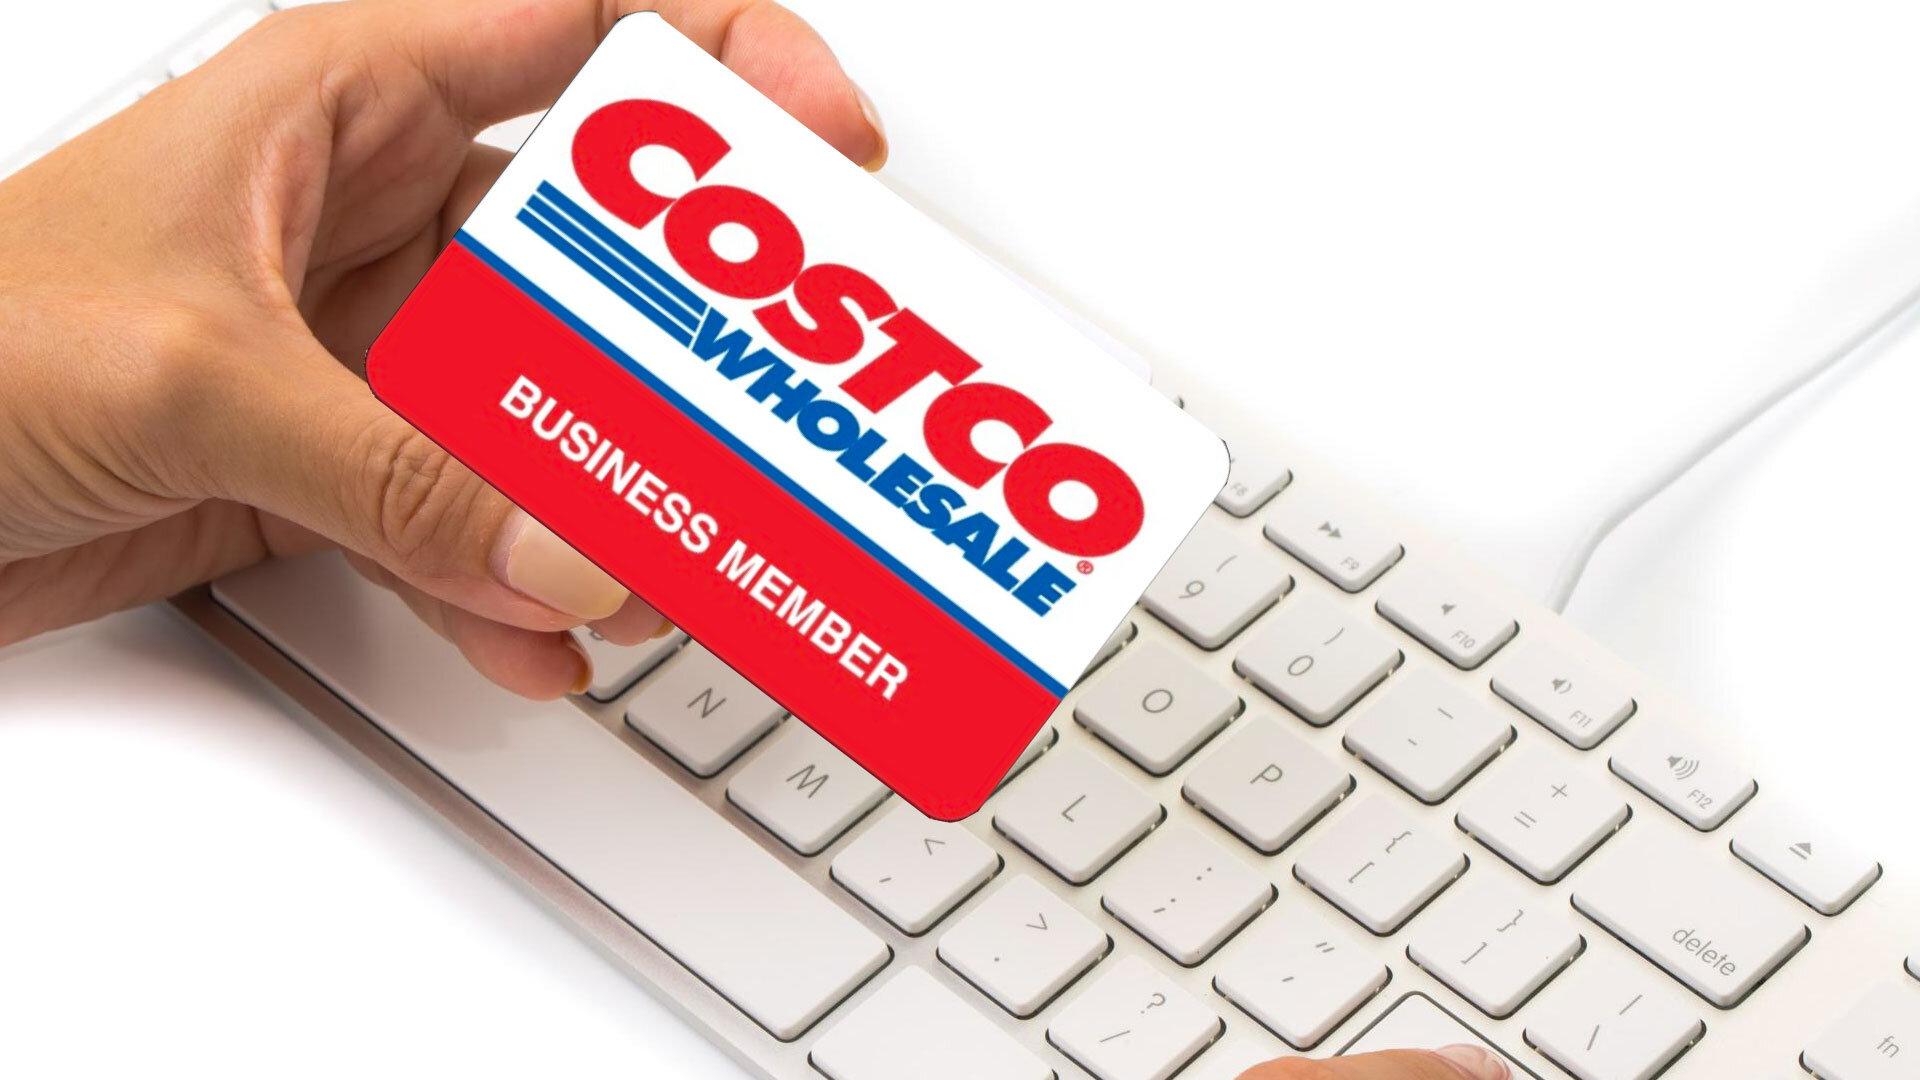 確認 コストコ カード 期限 コストコ会員の年会費と更新料は?期限切れと家族カードの手続き方法も紹介!|ENHYPEN(エンハイフン)情報サイト